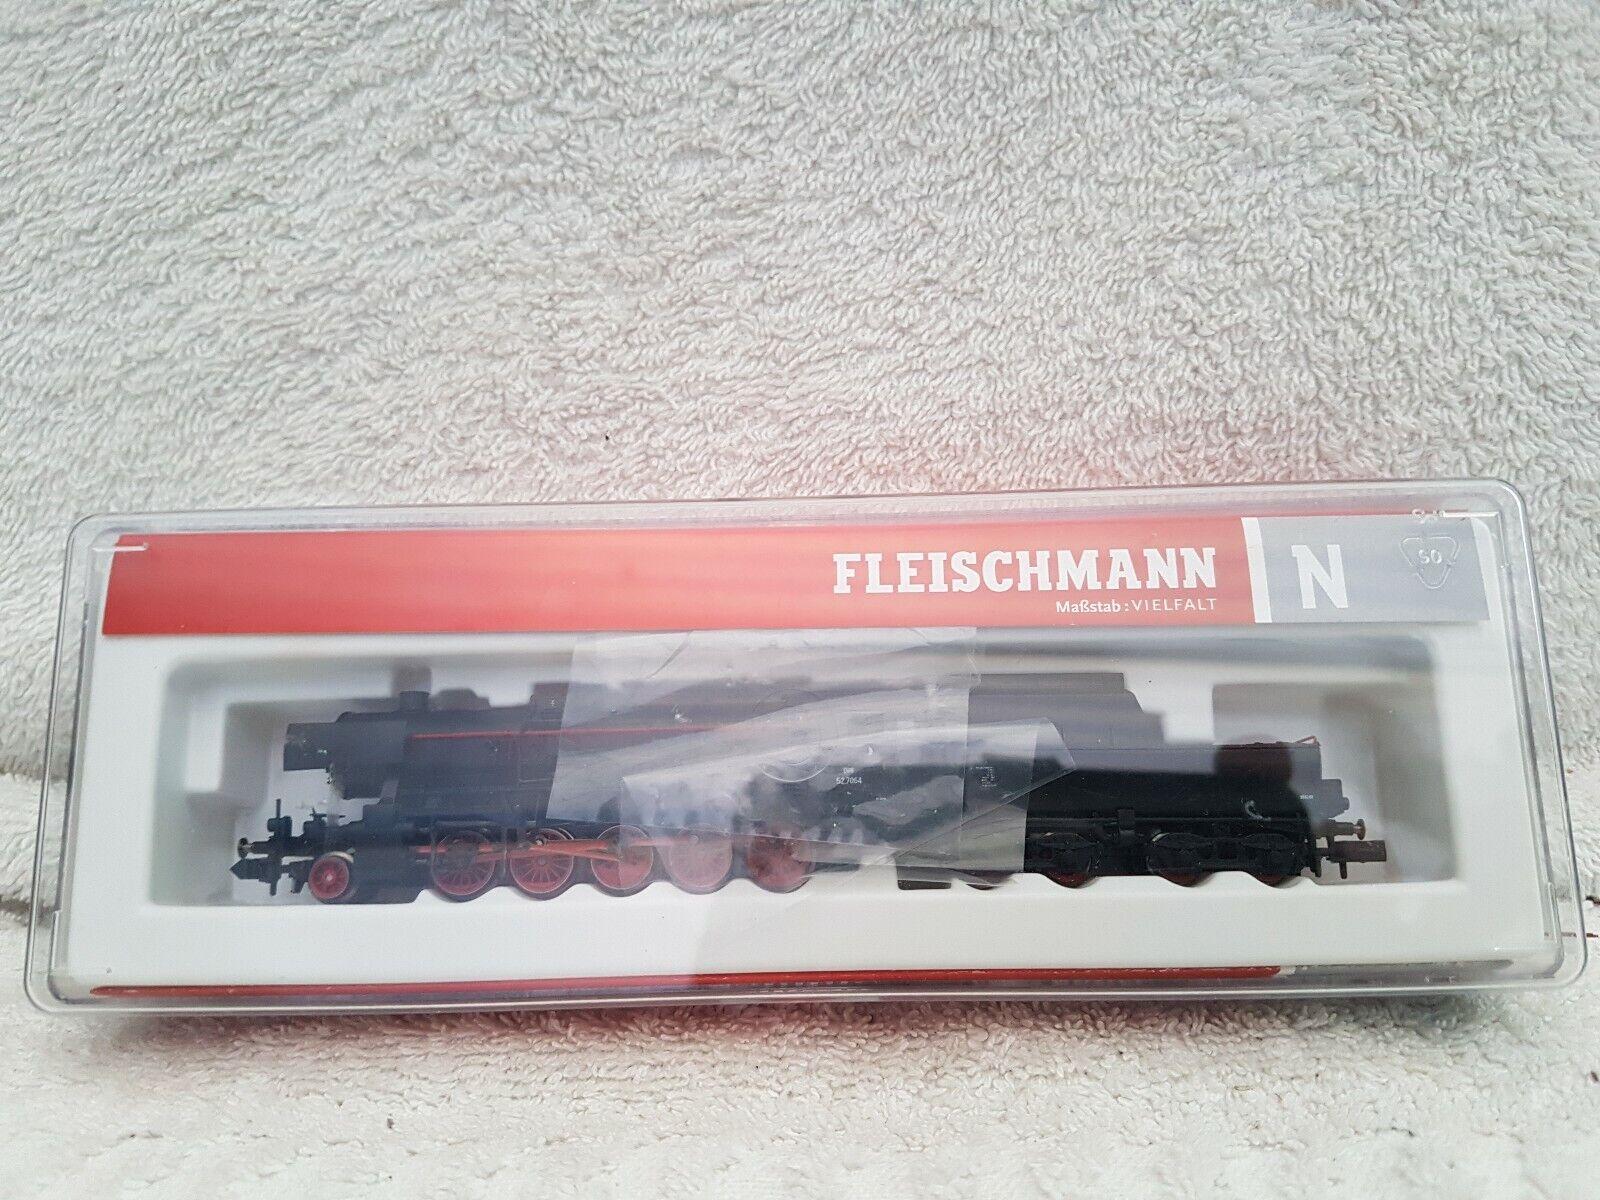 Fleischuomon 715207 N Gauge 2100 Austrian Loco 52.7064 Tested & Worre luci